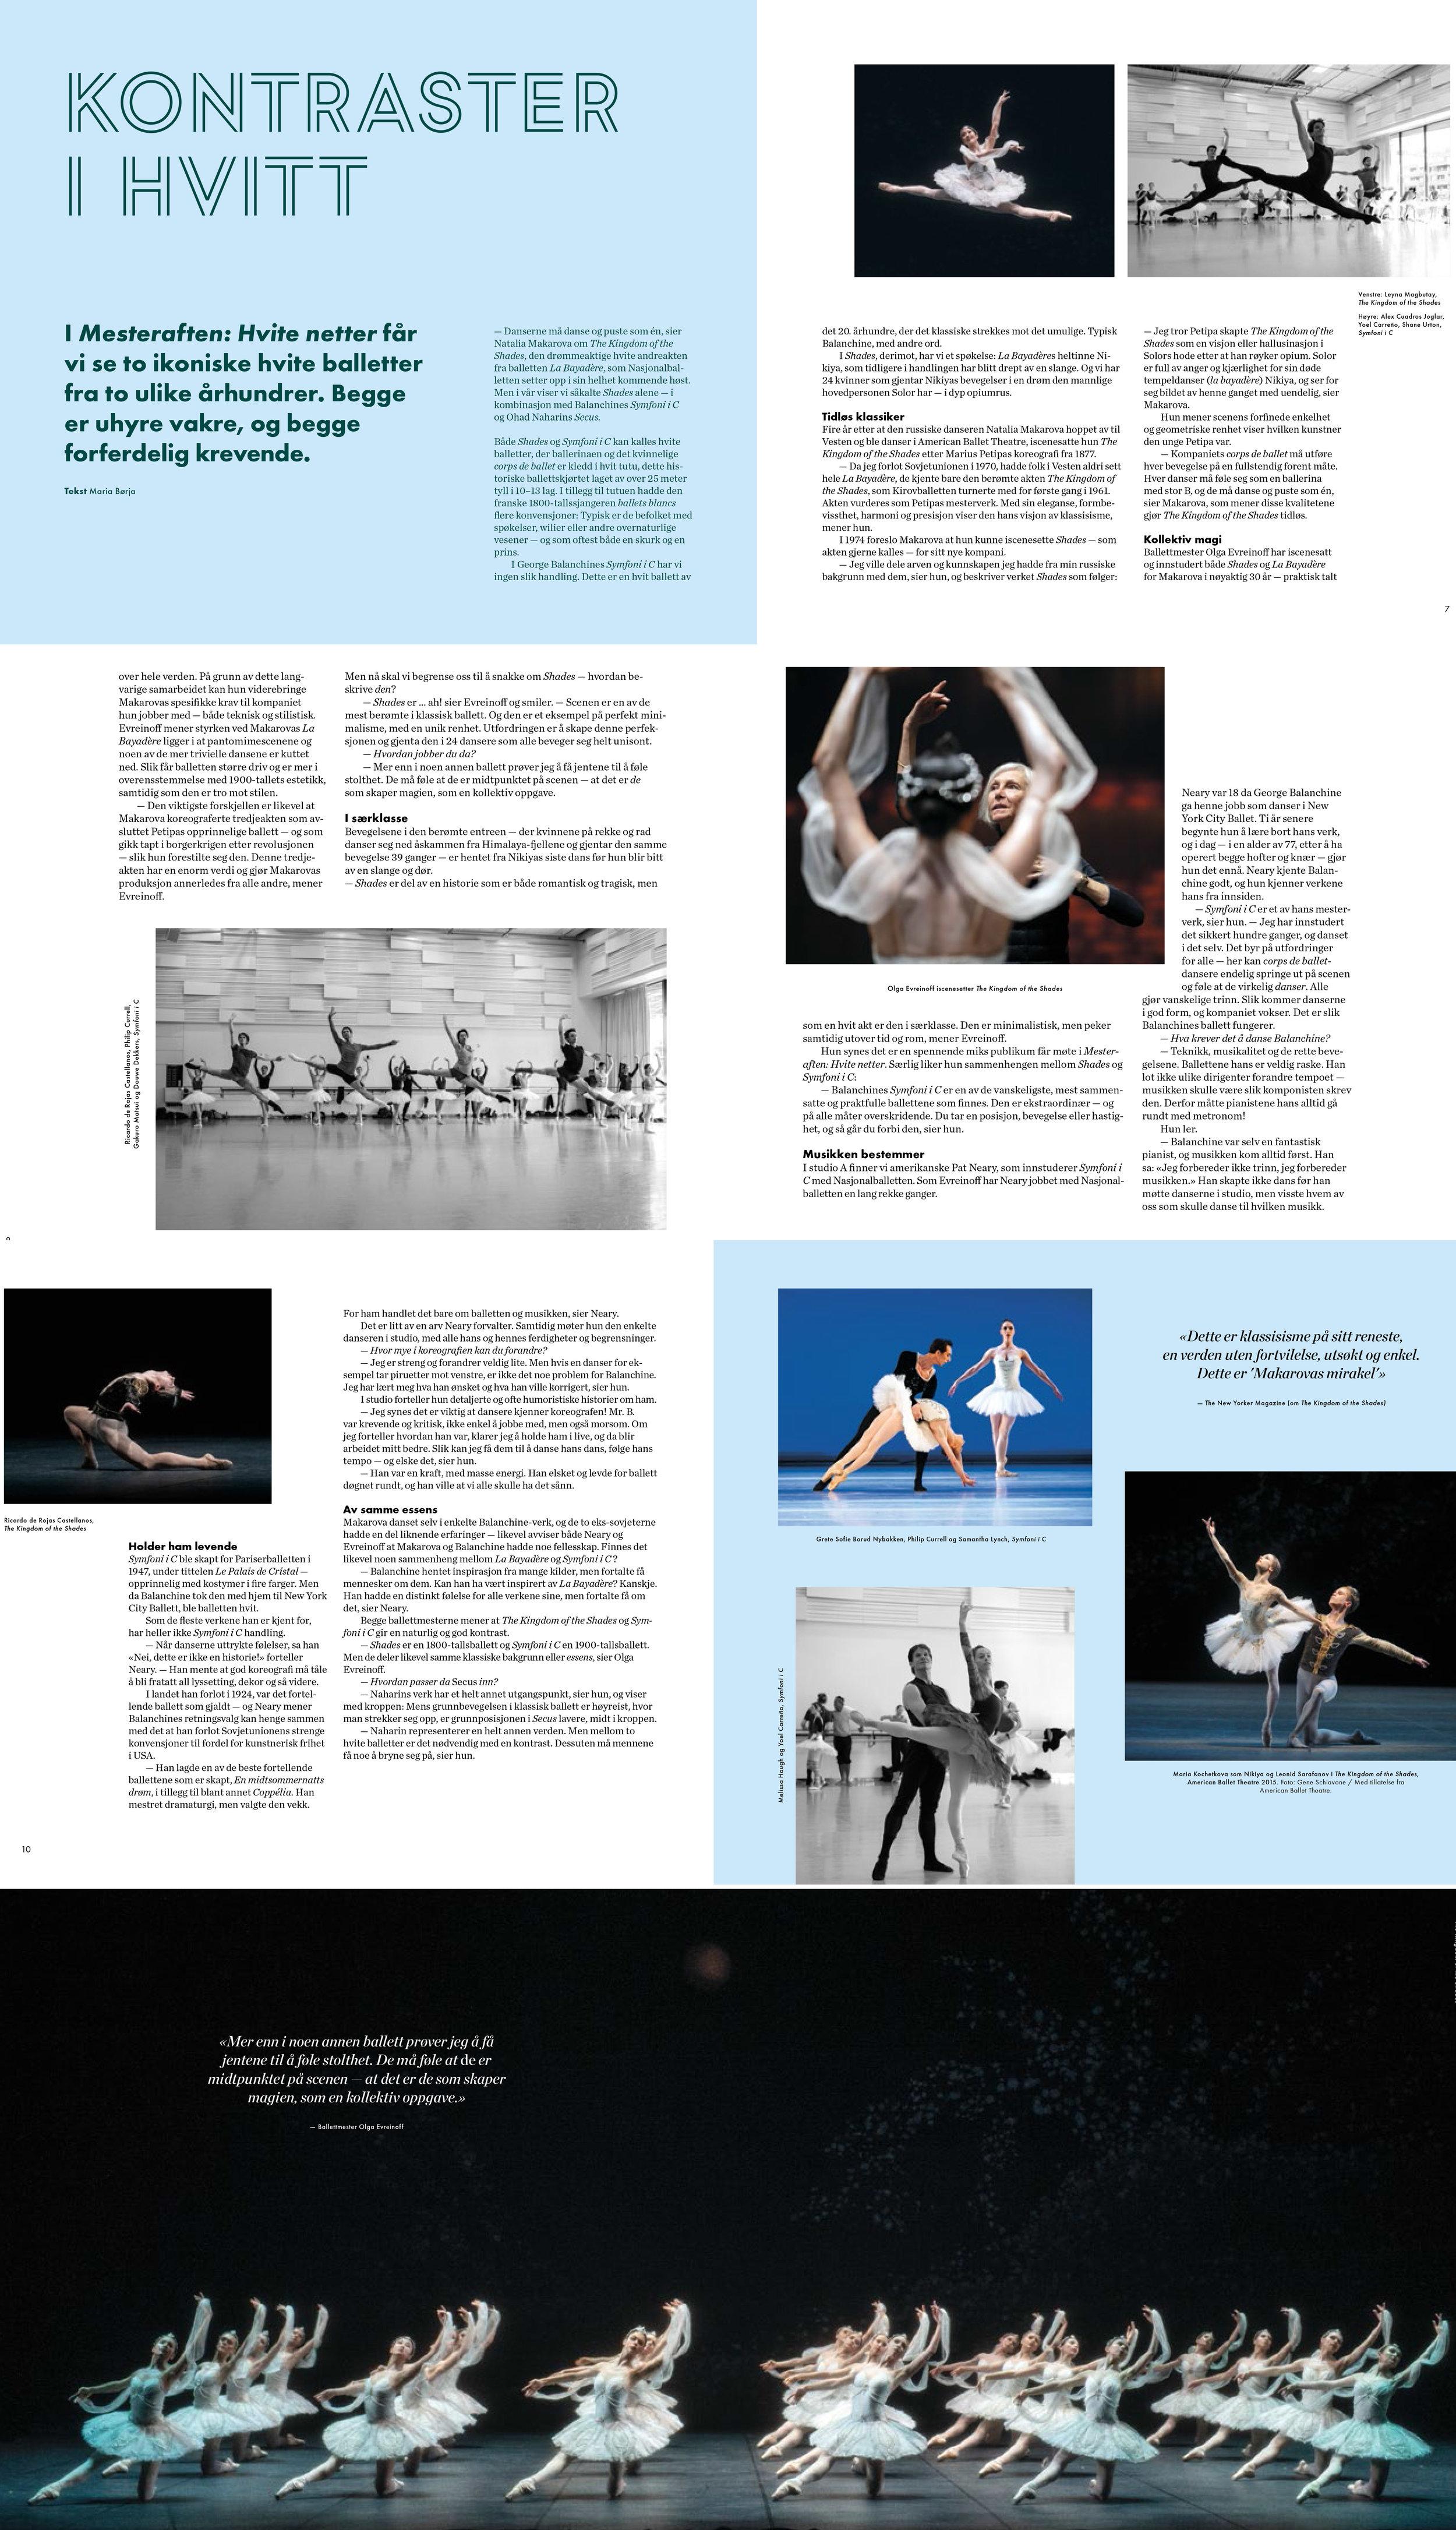 Kontraster i hvitt: De er to ikoniske balletter fra to ulike århundrer. Både Natalia Makarovas  The Kingdom of the Shades  og George Balanchines  Symfoni i C  er uhyre vakre, og begge forferdelig krevende. I dette intervjuet sies det en del om hvorfor. Faksimile fra programmet til  Mesteraften: Hvite netter.  Foto: Erik Berg og Jörg Wiesner. Design: Kaja van Domburg